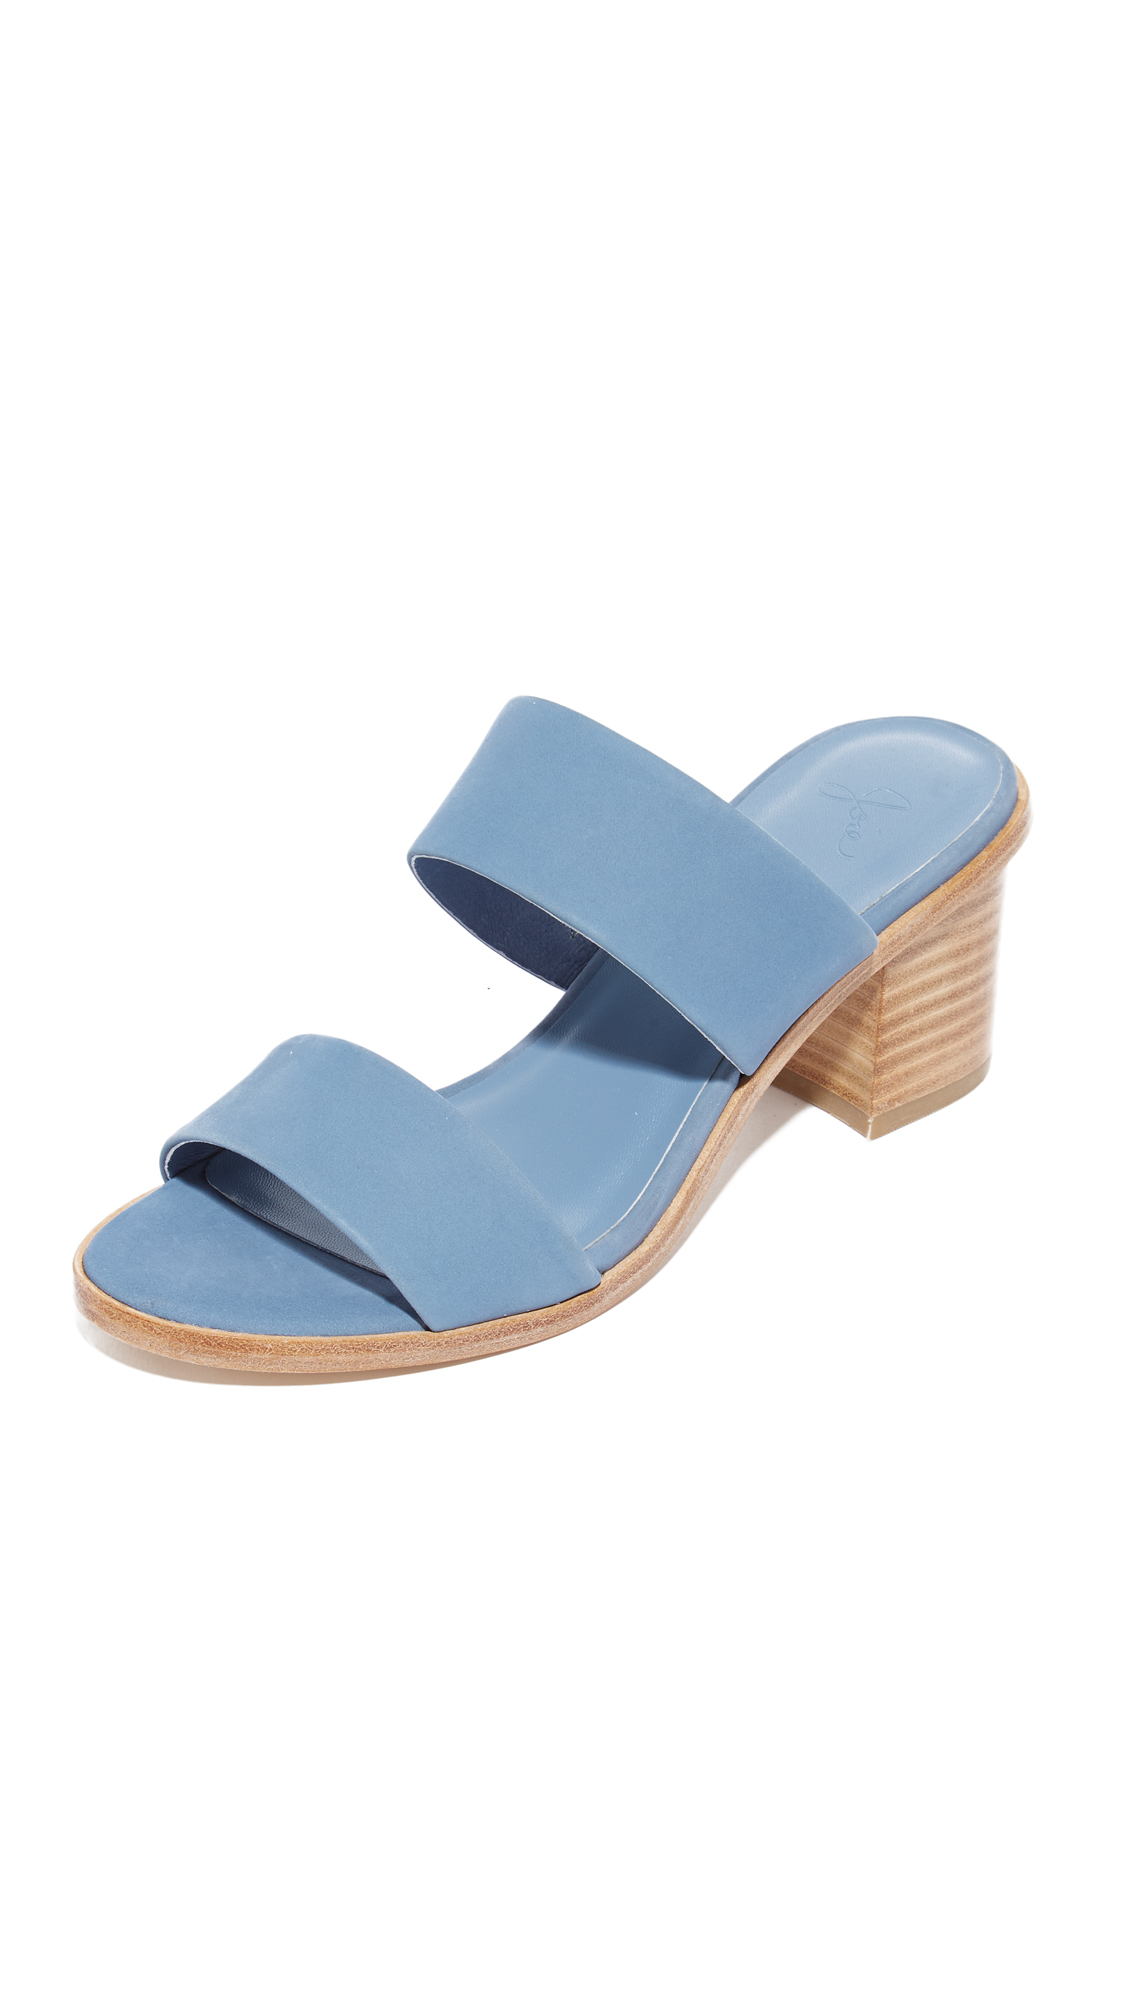 03d0e610e806 Joie Maha City Sandals